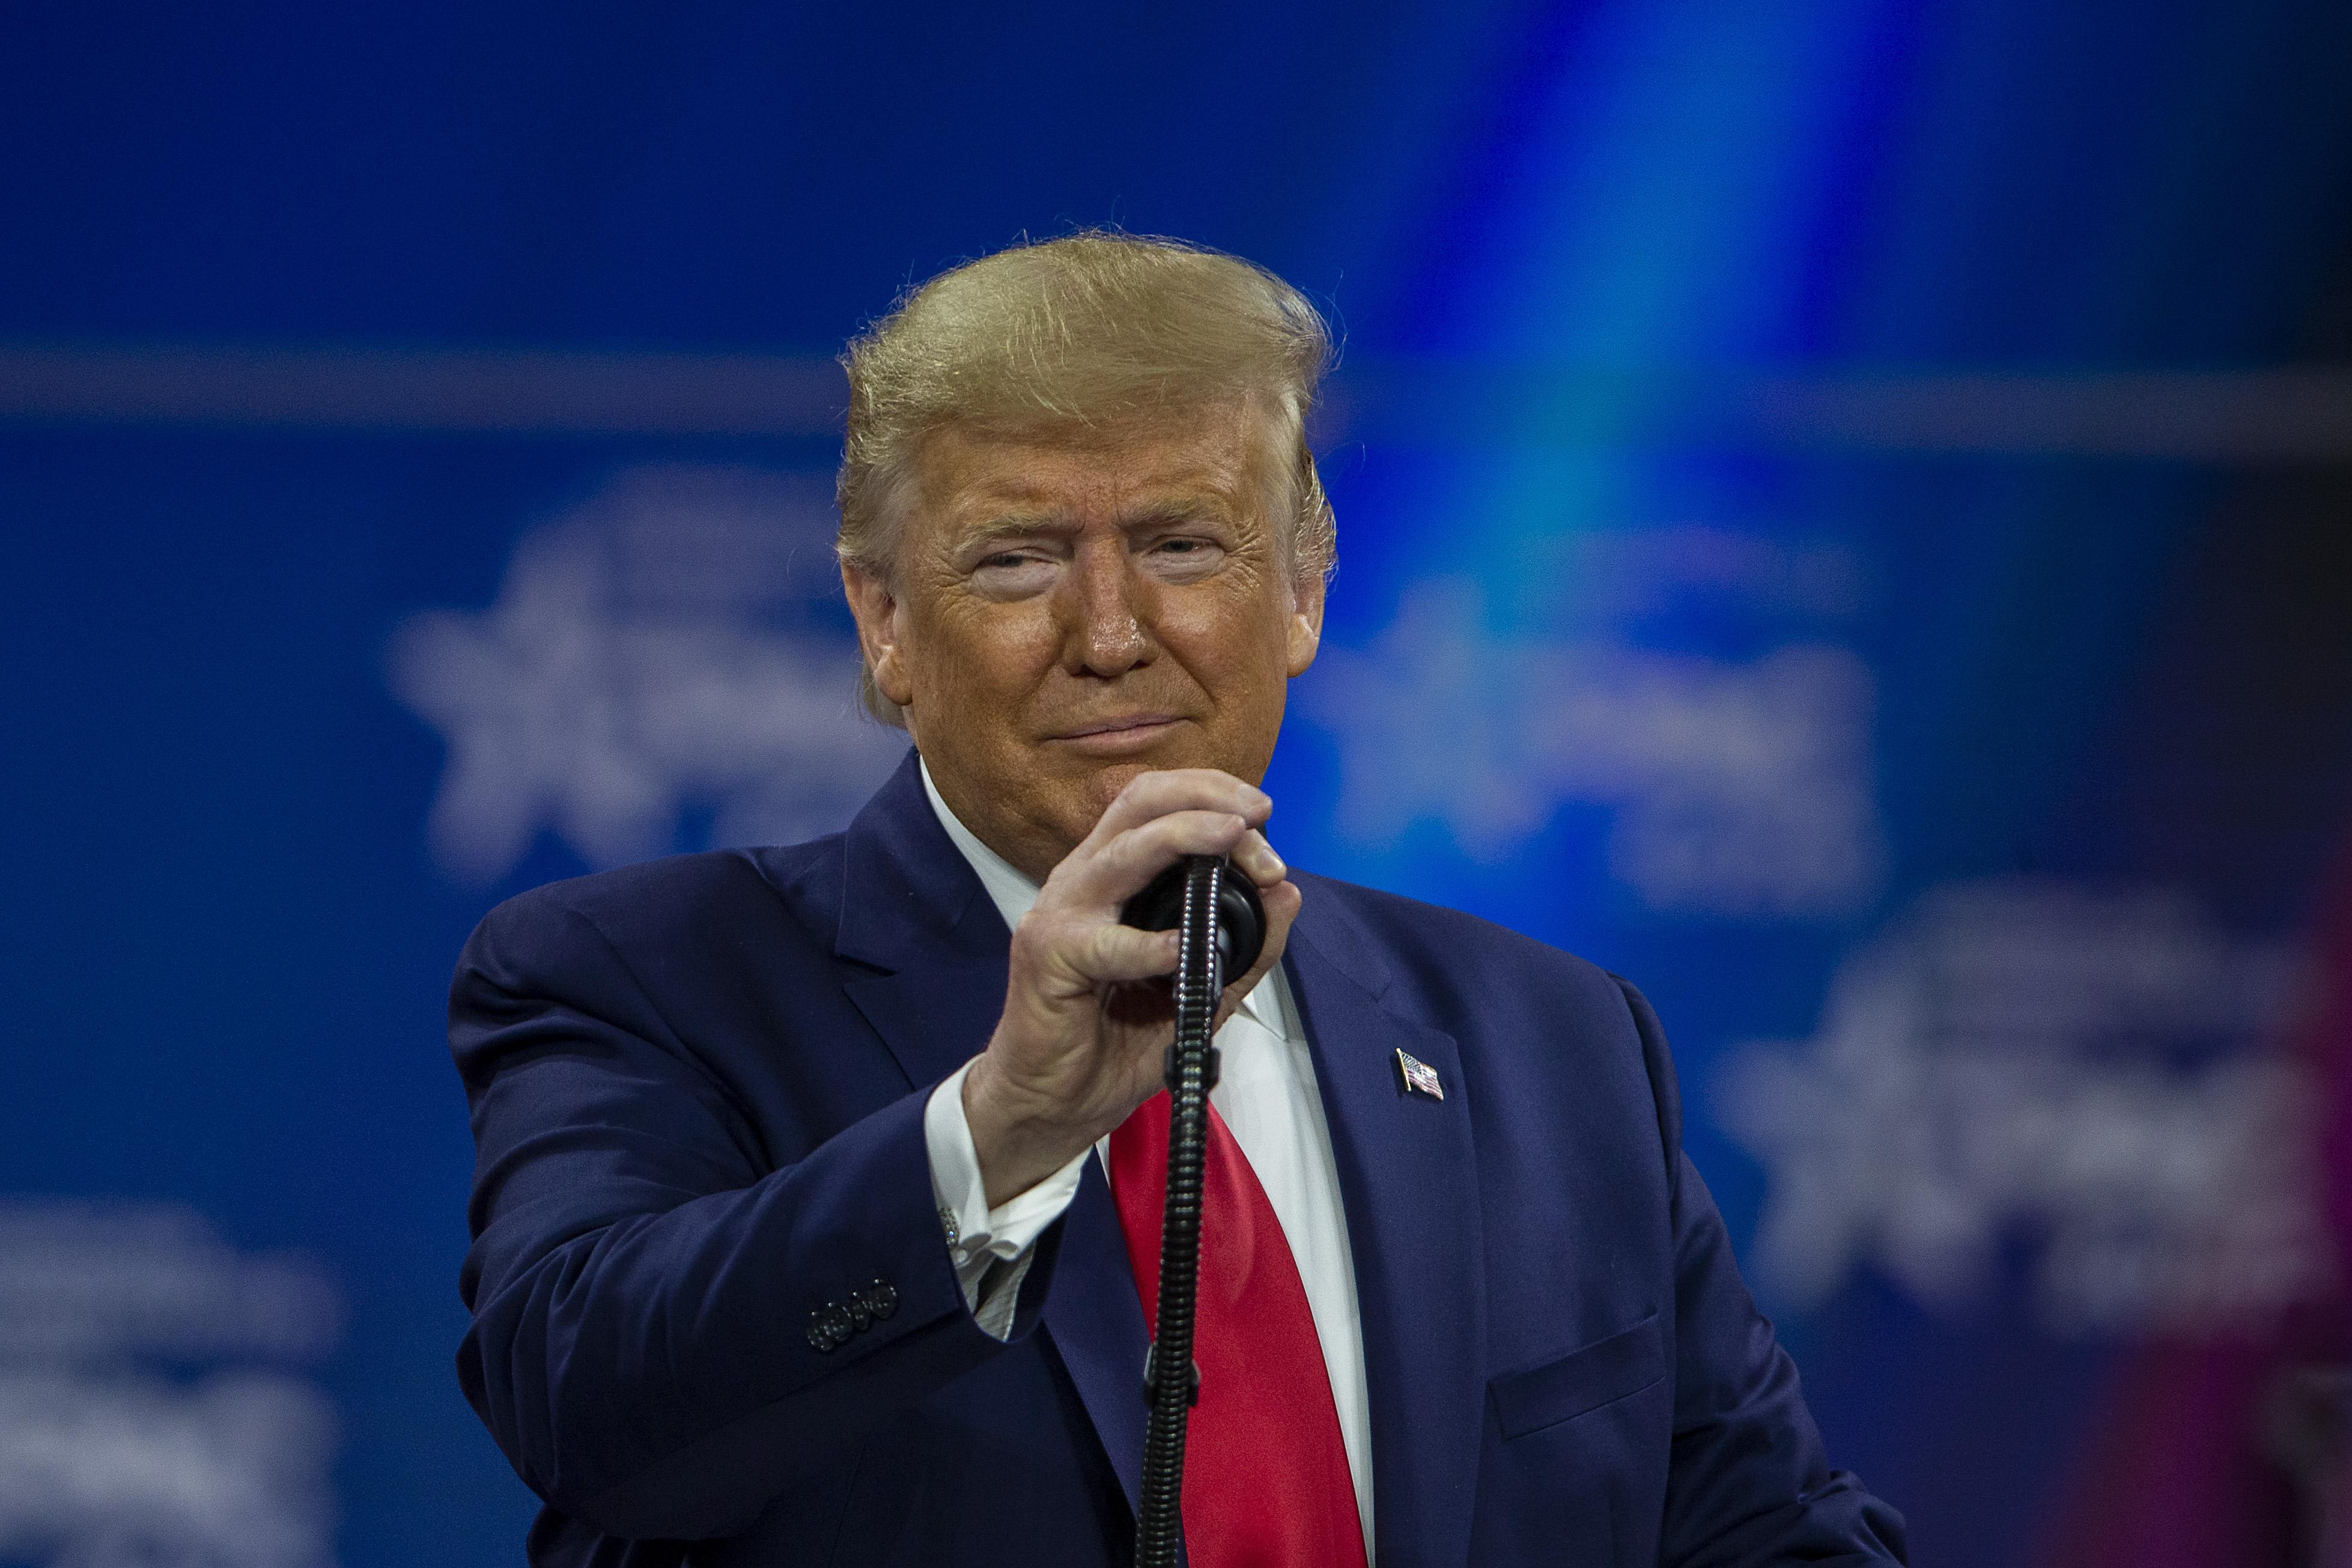 Donald Trump CPAC 2021 Speech